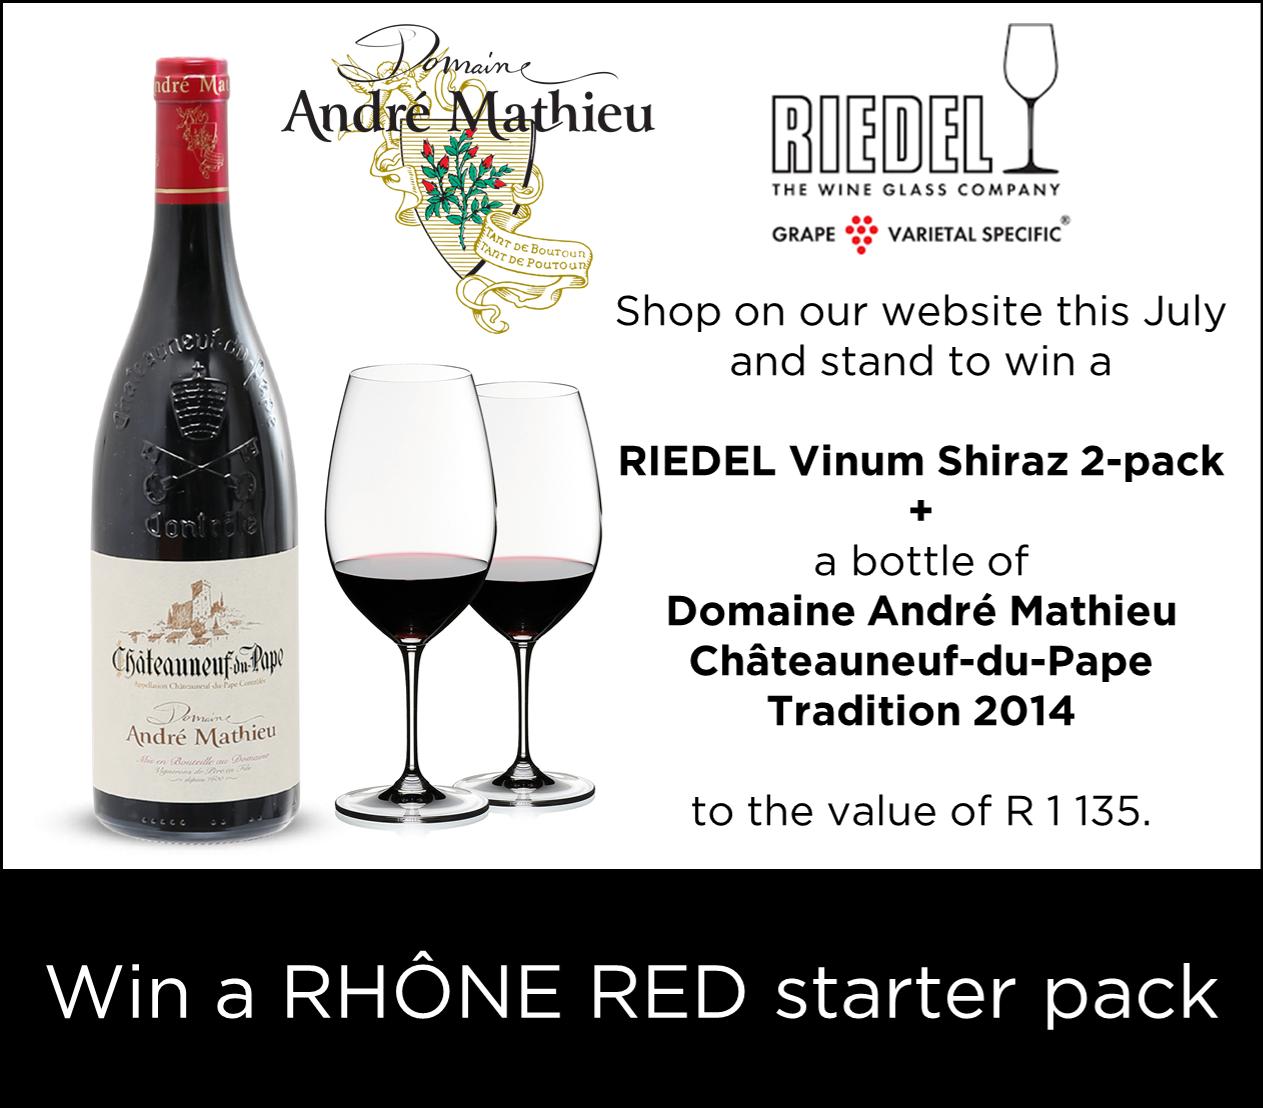 Win a Rhone red starter pack